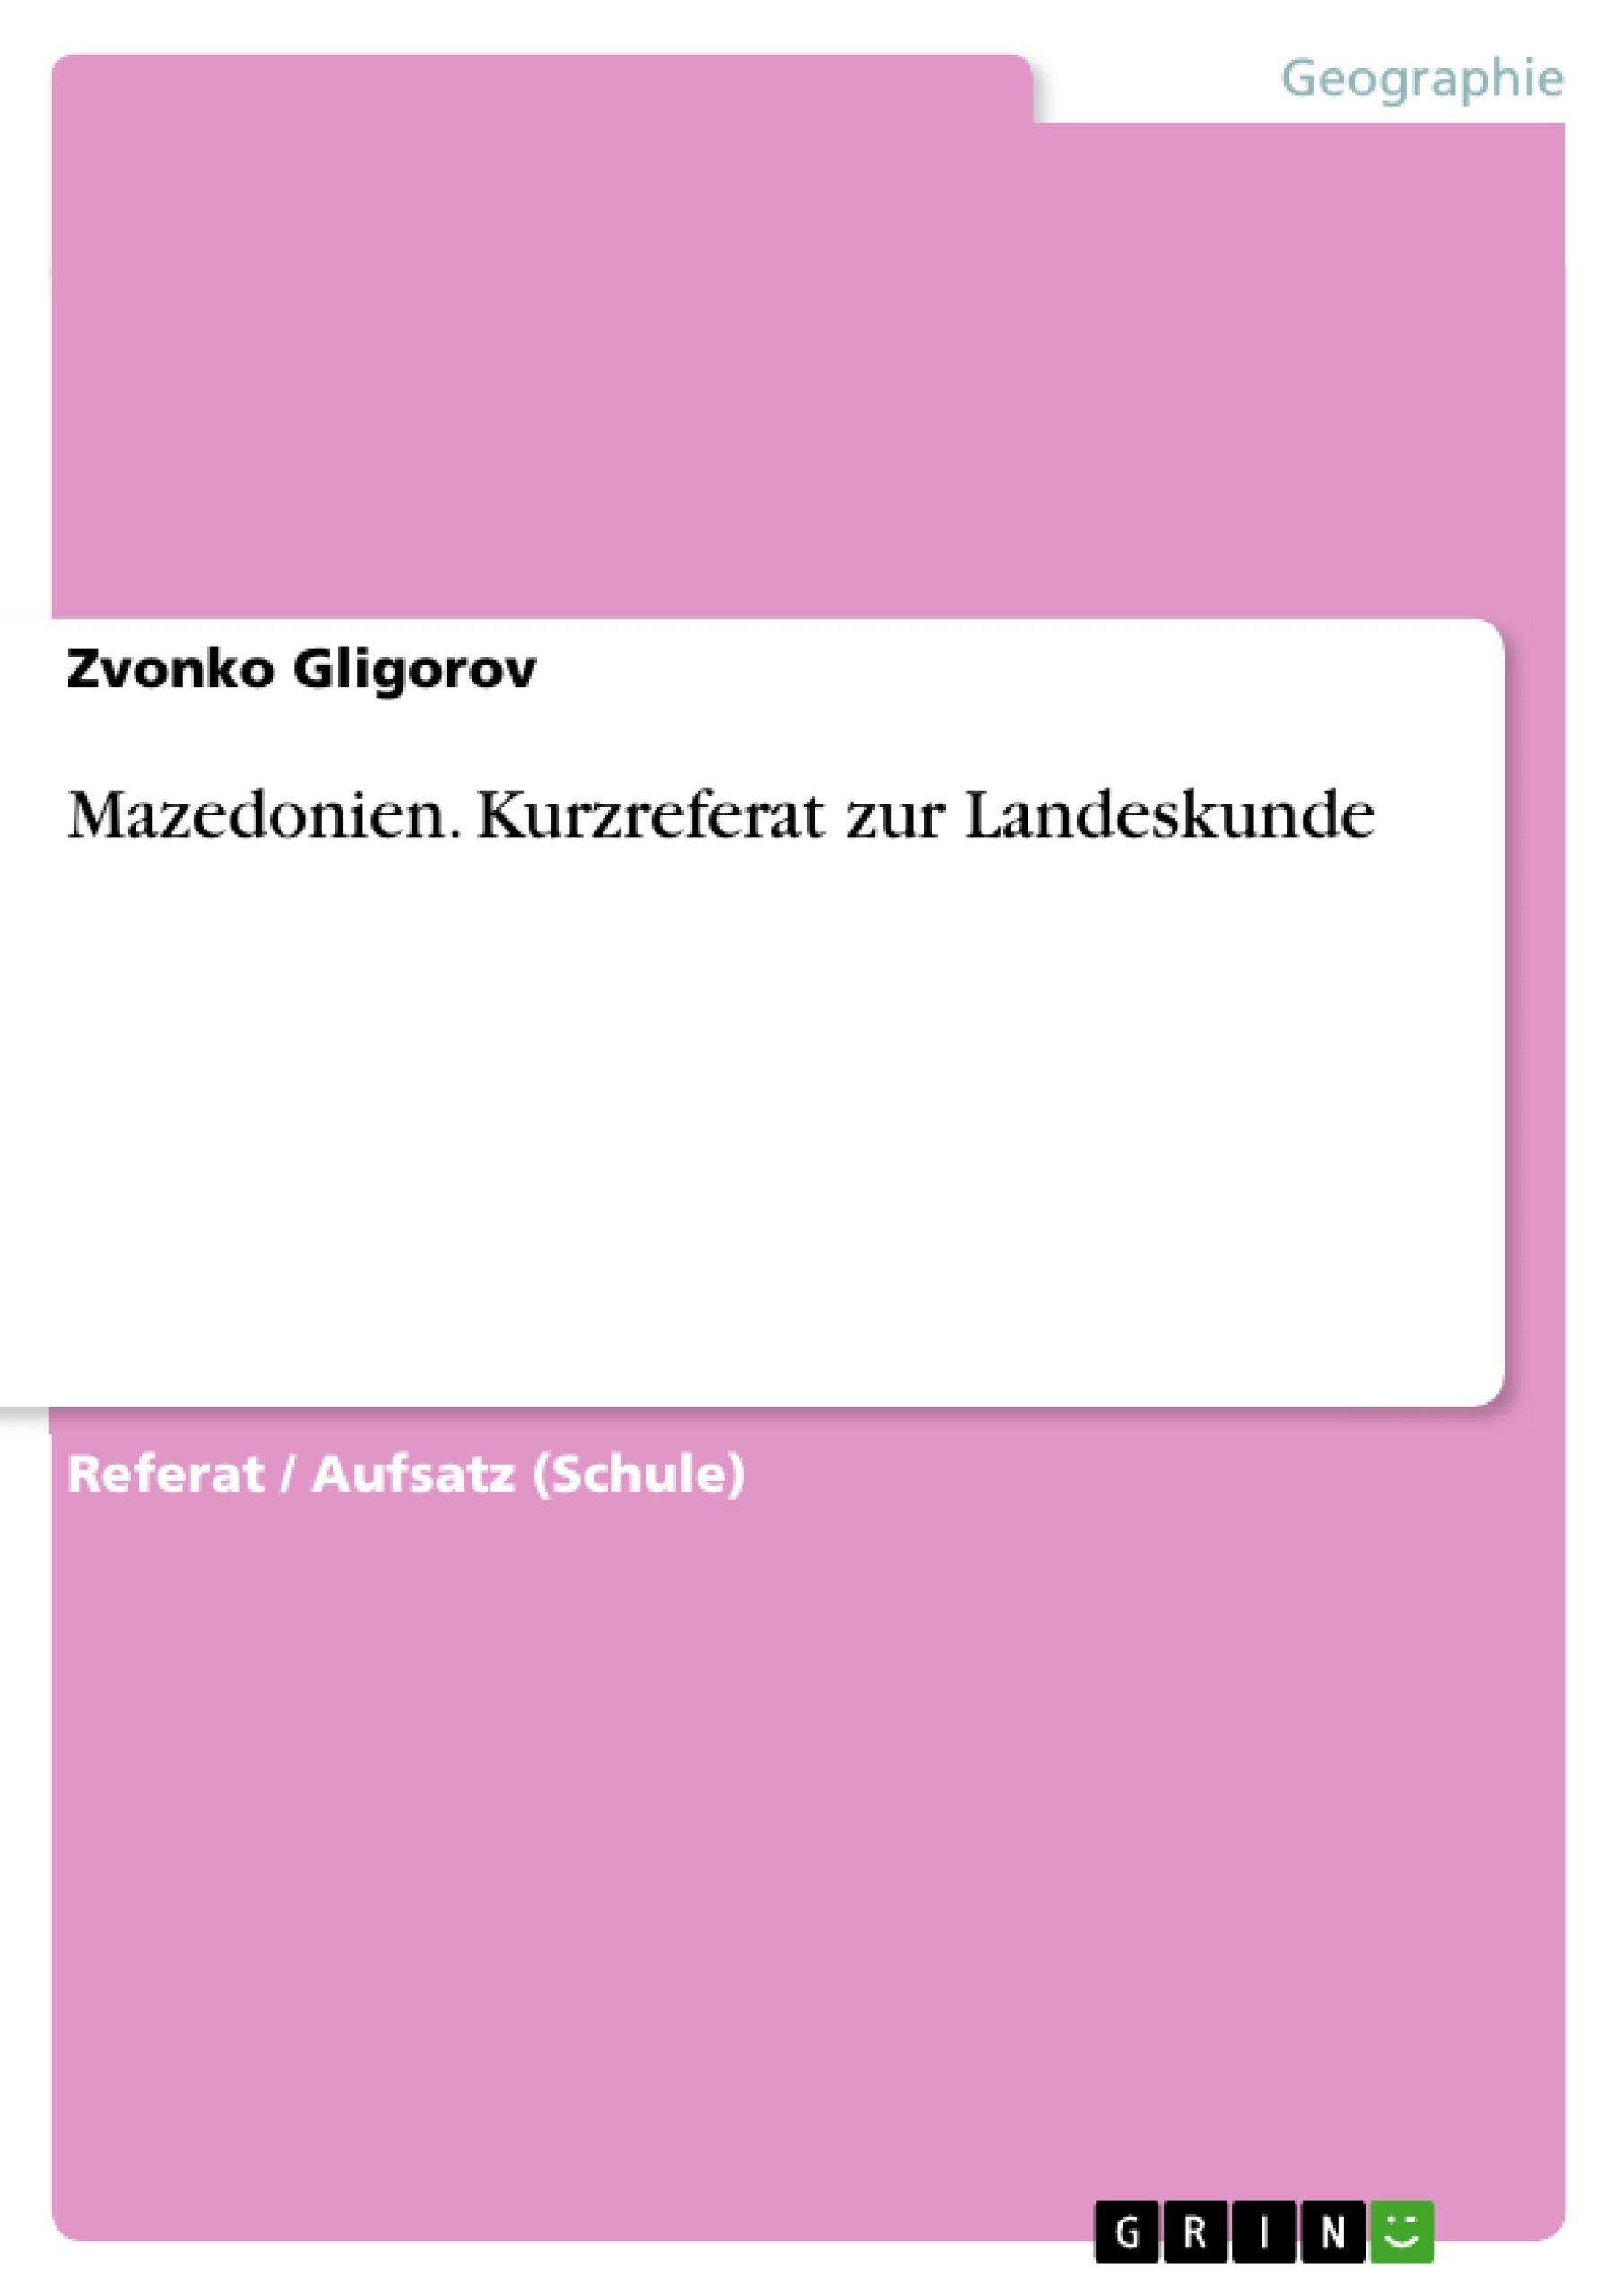 Titel: Mazedonien. Kurzreferat zur Landeskunde